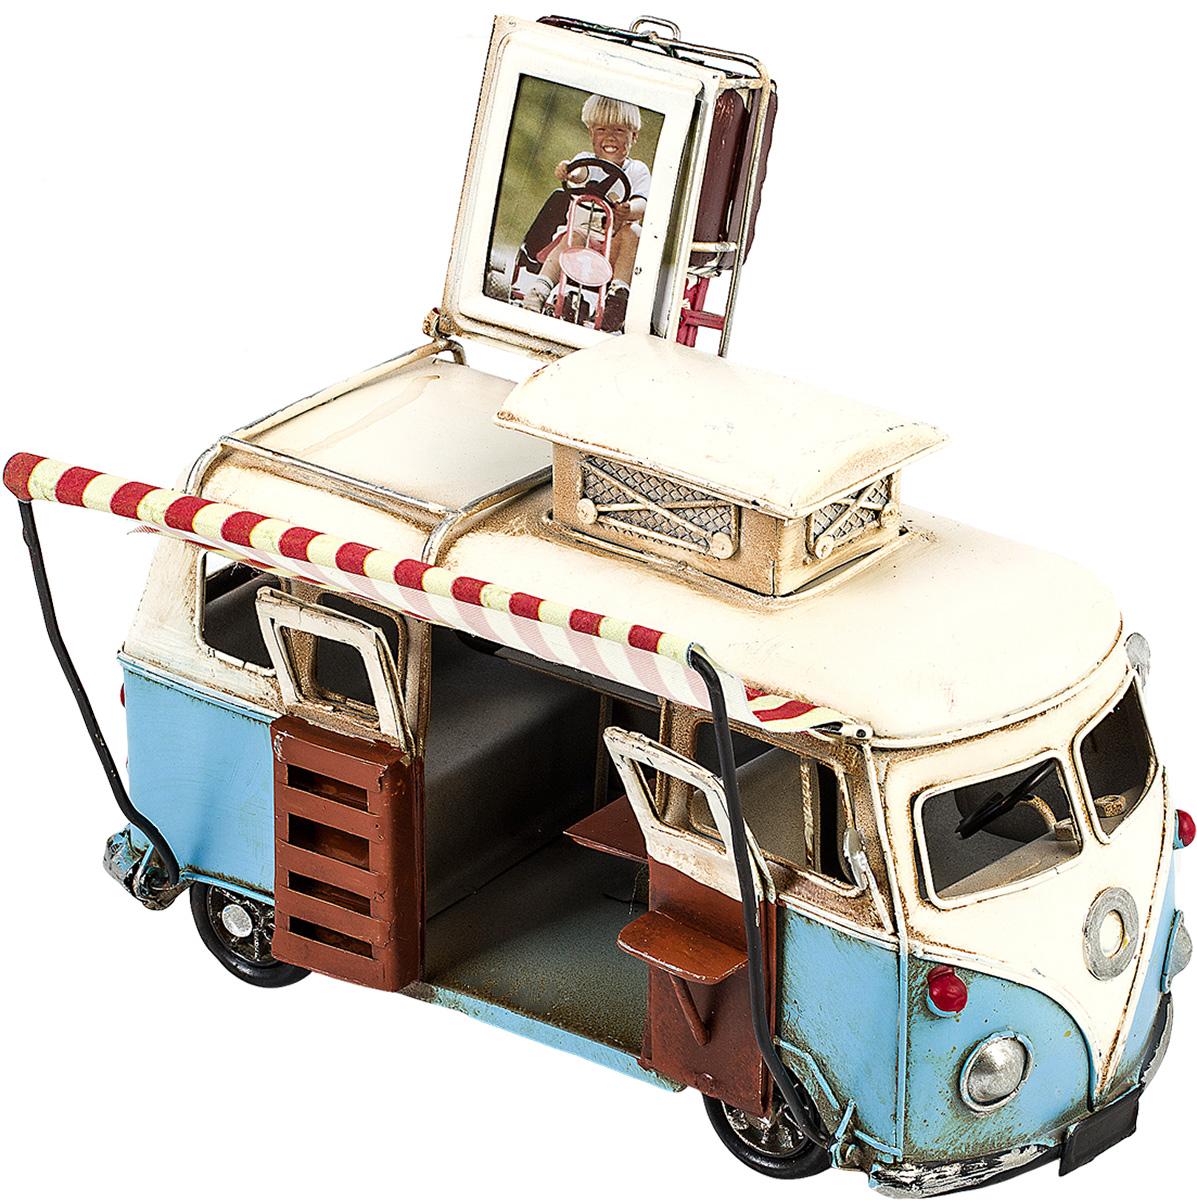 Модель Platinum Автобус, с фоторамкой. 1404E-43521404E-4352Модель Platinum Автобус, выполненная из металла, станет оригинальным украшением вашего интерьера. Вы можете поставить модель автобуса в любом месте, где она будет удачно смотреться. Изделие дополнено фоторамкой, куда вы можете вставить вашу любимую фотографию. Качество исполнения, точные детали и оригинальный дизайн выделяют эту модель среди ряда подобных. Модель займет достойное место в вашей коллекции, а также приятно удивит получателя в качестве стильного сувенира.